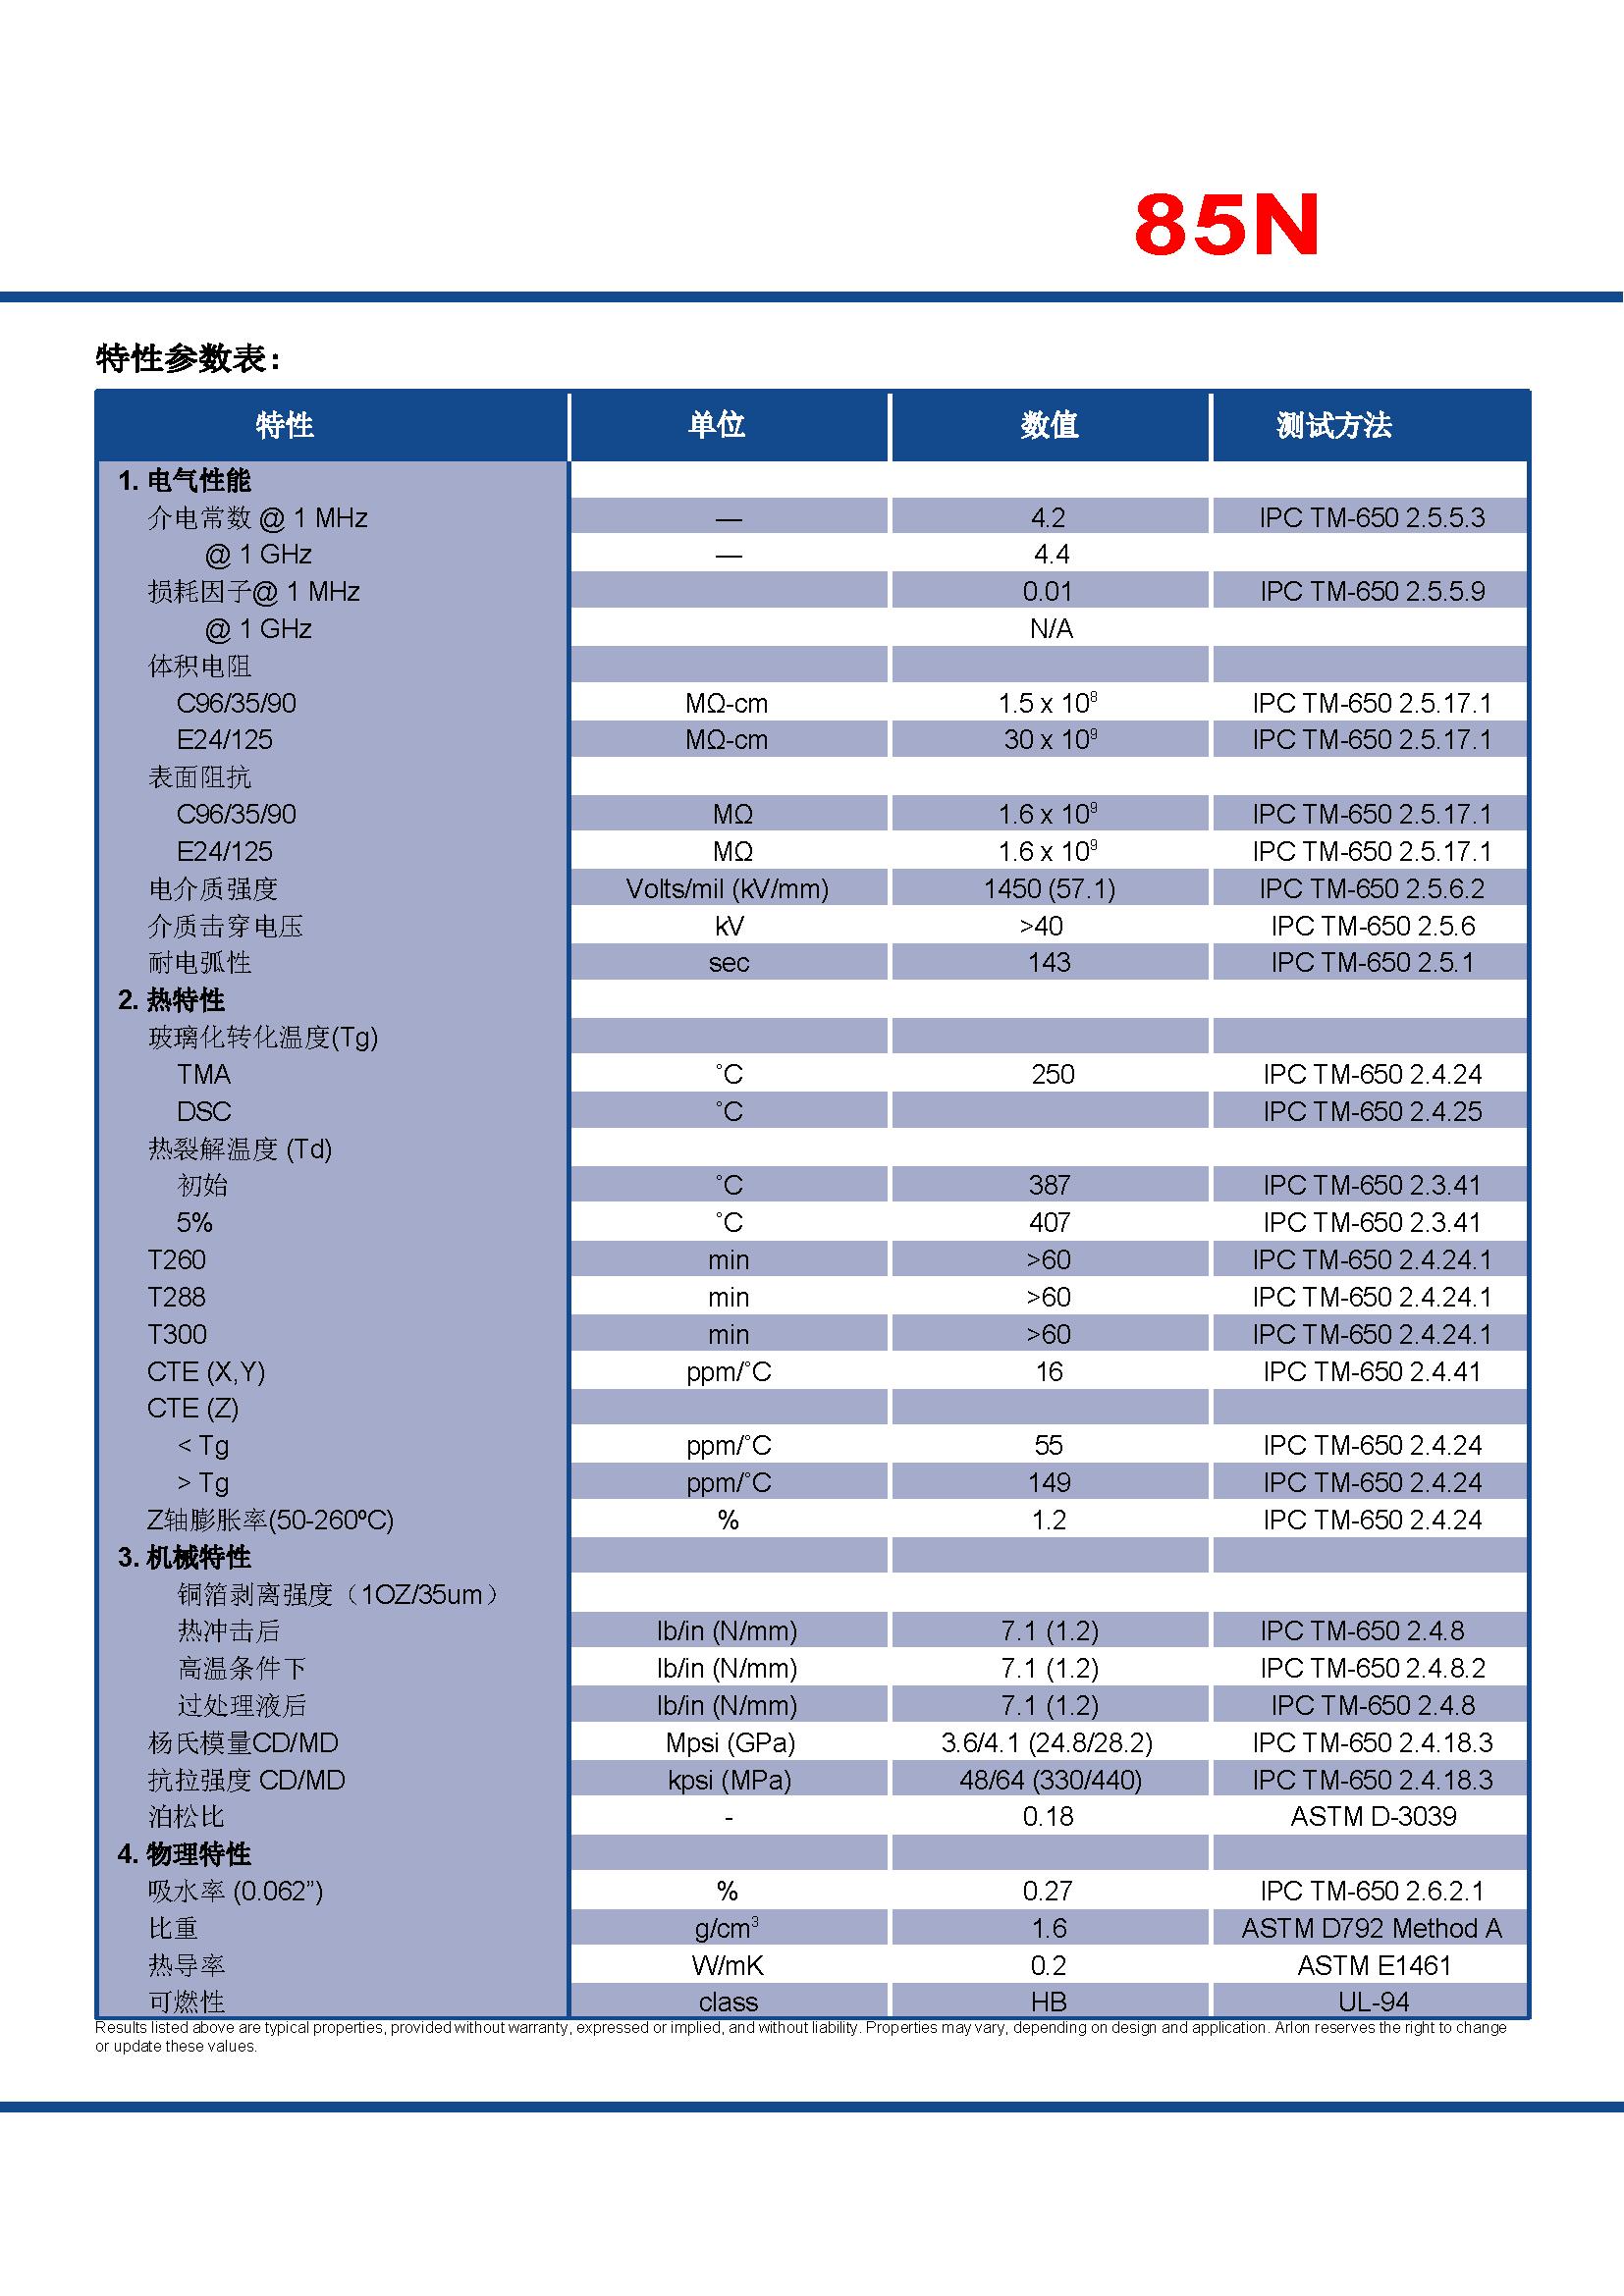 85N_页面_2